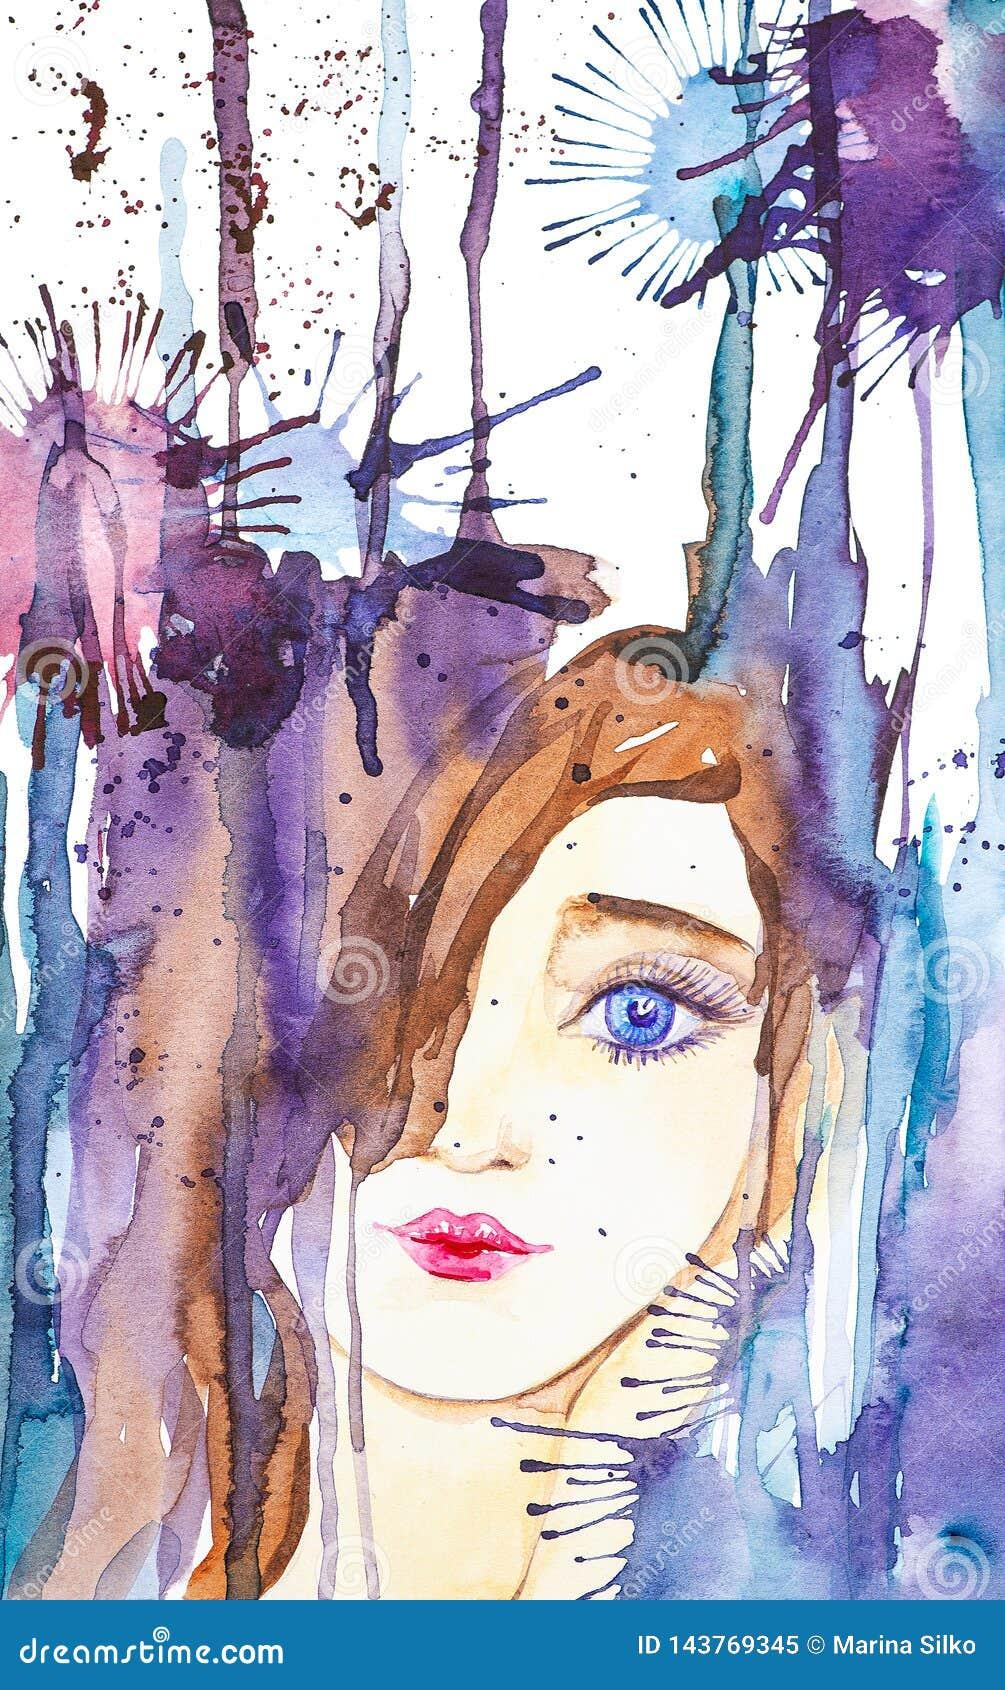 Αφηρημένο πορτρέτο ενός όμορφου νέου κοριτσιού στο υπόβαθρο των πτώσεων και των λεκέδων Απεικόνιση Watercolor που απομονώνεται στ